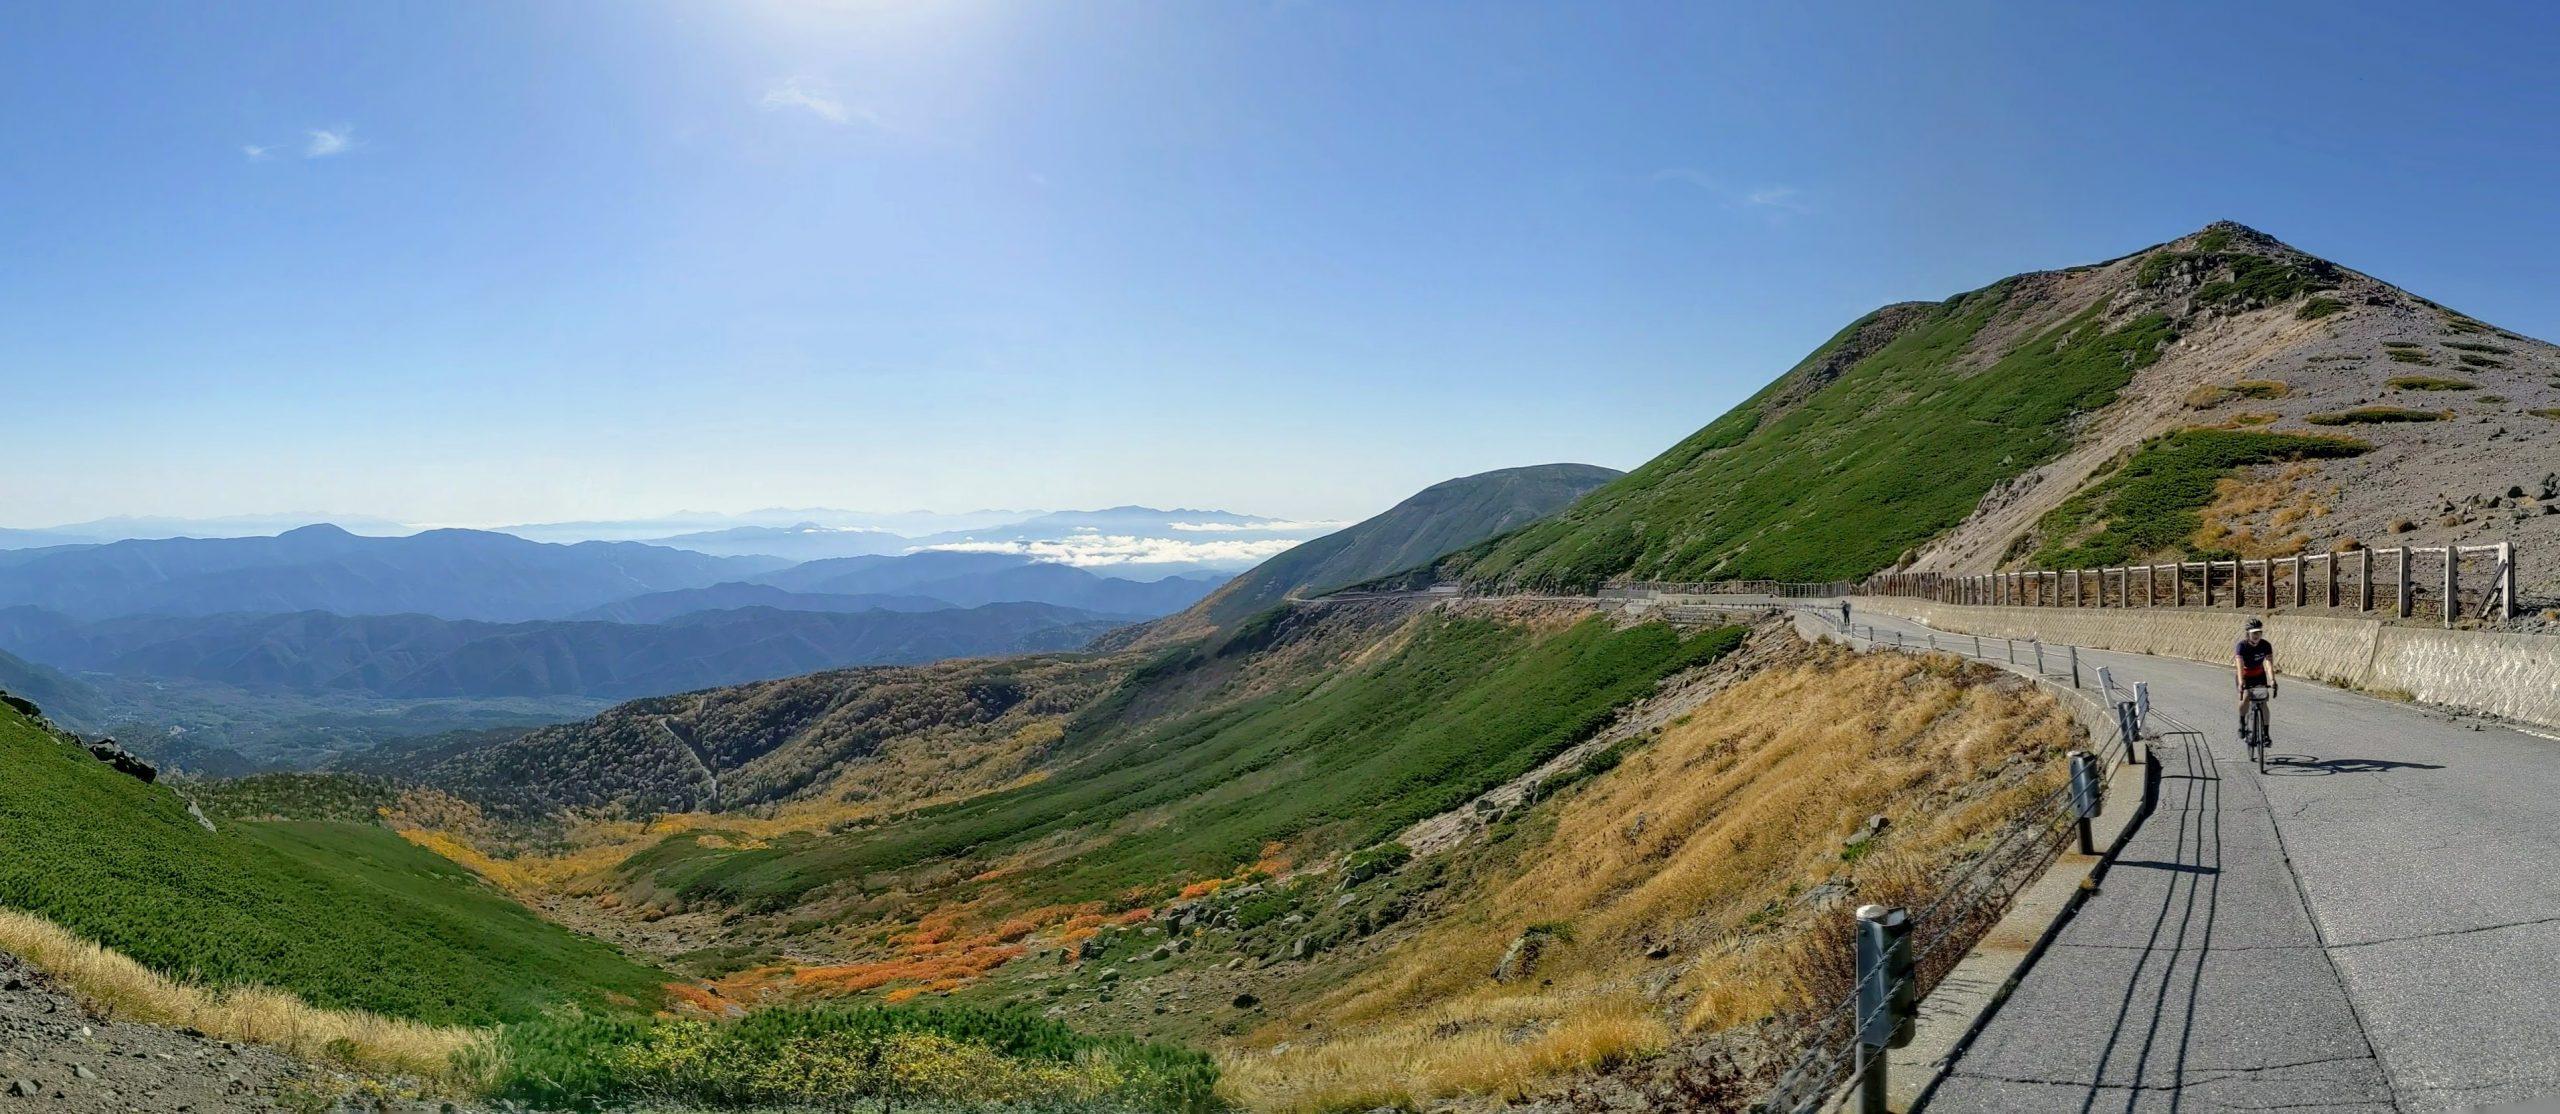 Near Norikura-dake's summit